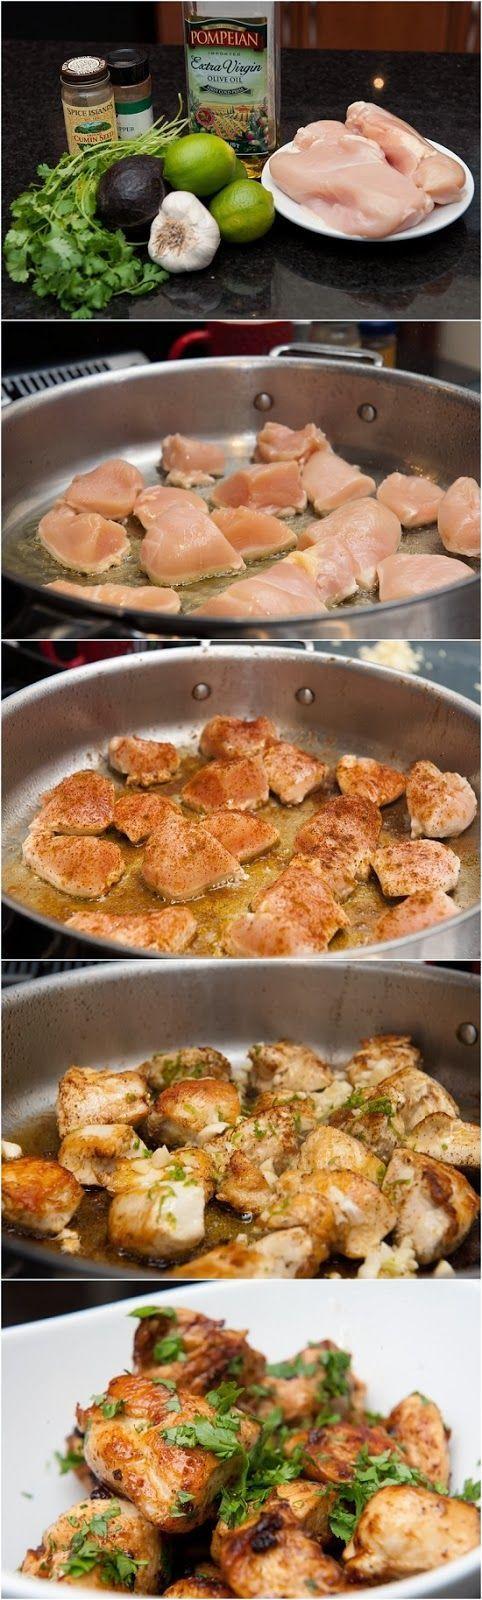 POLLO AL LIMON Y CILANTRO Otra manera de comer las pechugas de pollo. (De esta receta solo habria que tener cuidado de la cantidad de aceite que usemo)